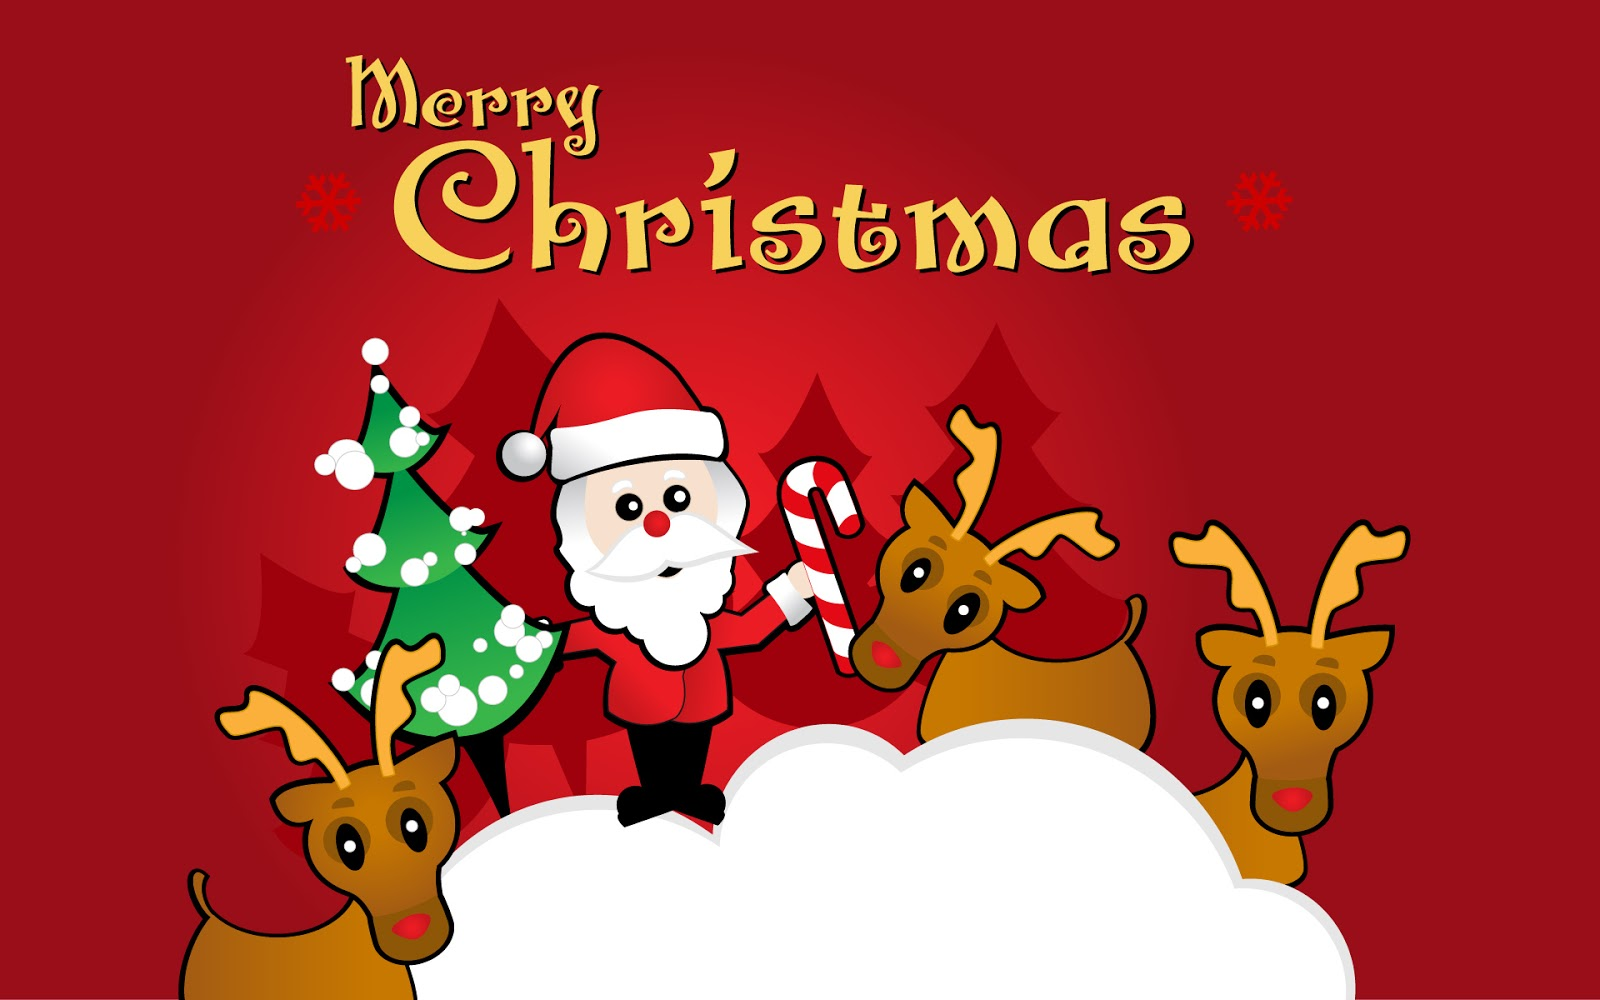 http://1.bp.blogspot.com/-8TcAHkwpY_Q/UNFyfUCl01I/AAAAAAAABcg/ajtbzPO2t5A/s1600/christmas_wallpaper1.jpg